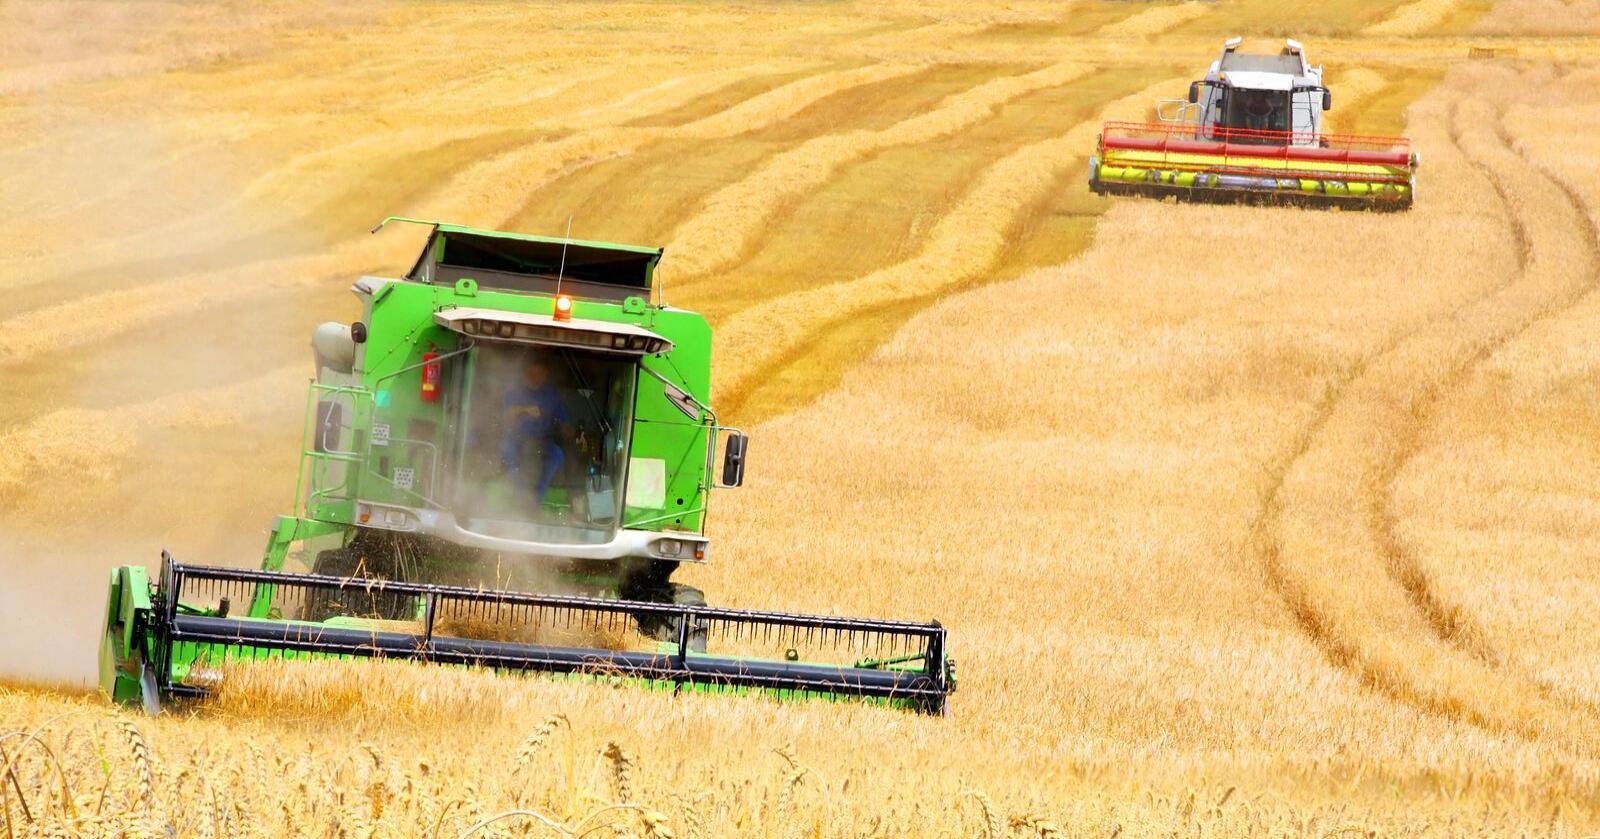 Økt korneksport: Tradisjonelt har Kasakhstan solgt kornet til nabolandene Kaukasus, Afghanistan og Iran. De siste årene har eksporten økt til andre land. Foto: kazakh-zerno.kz